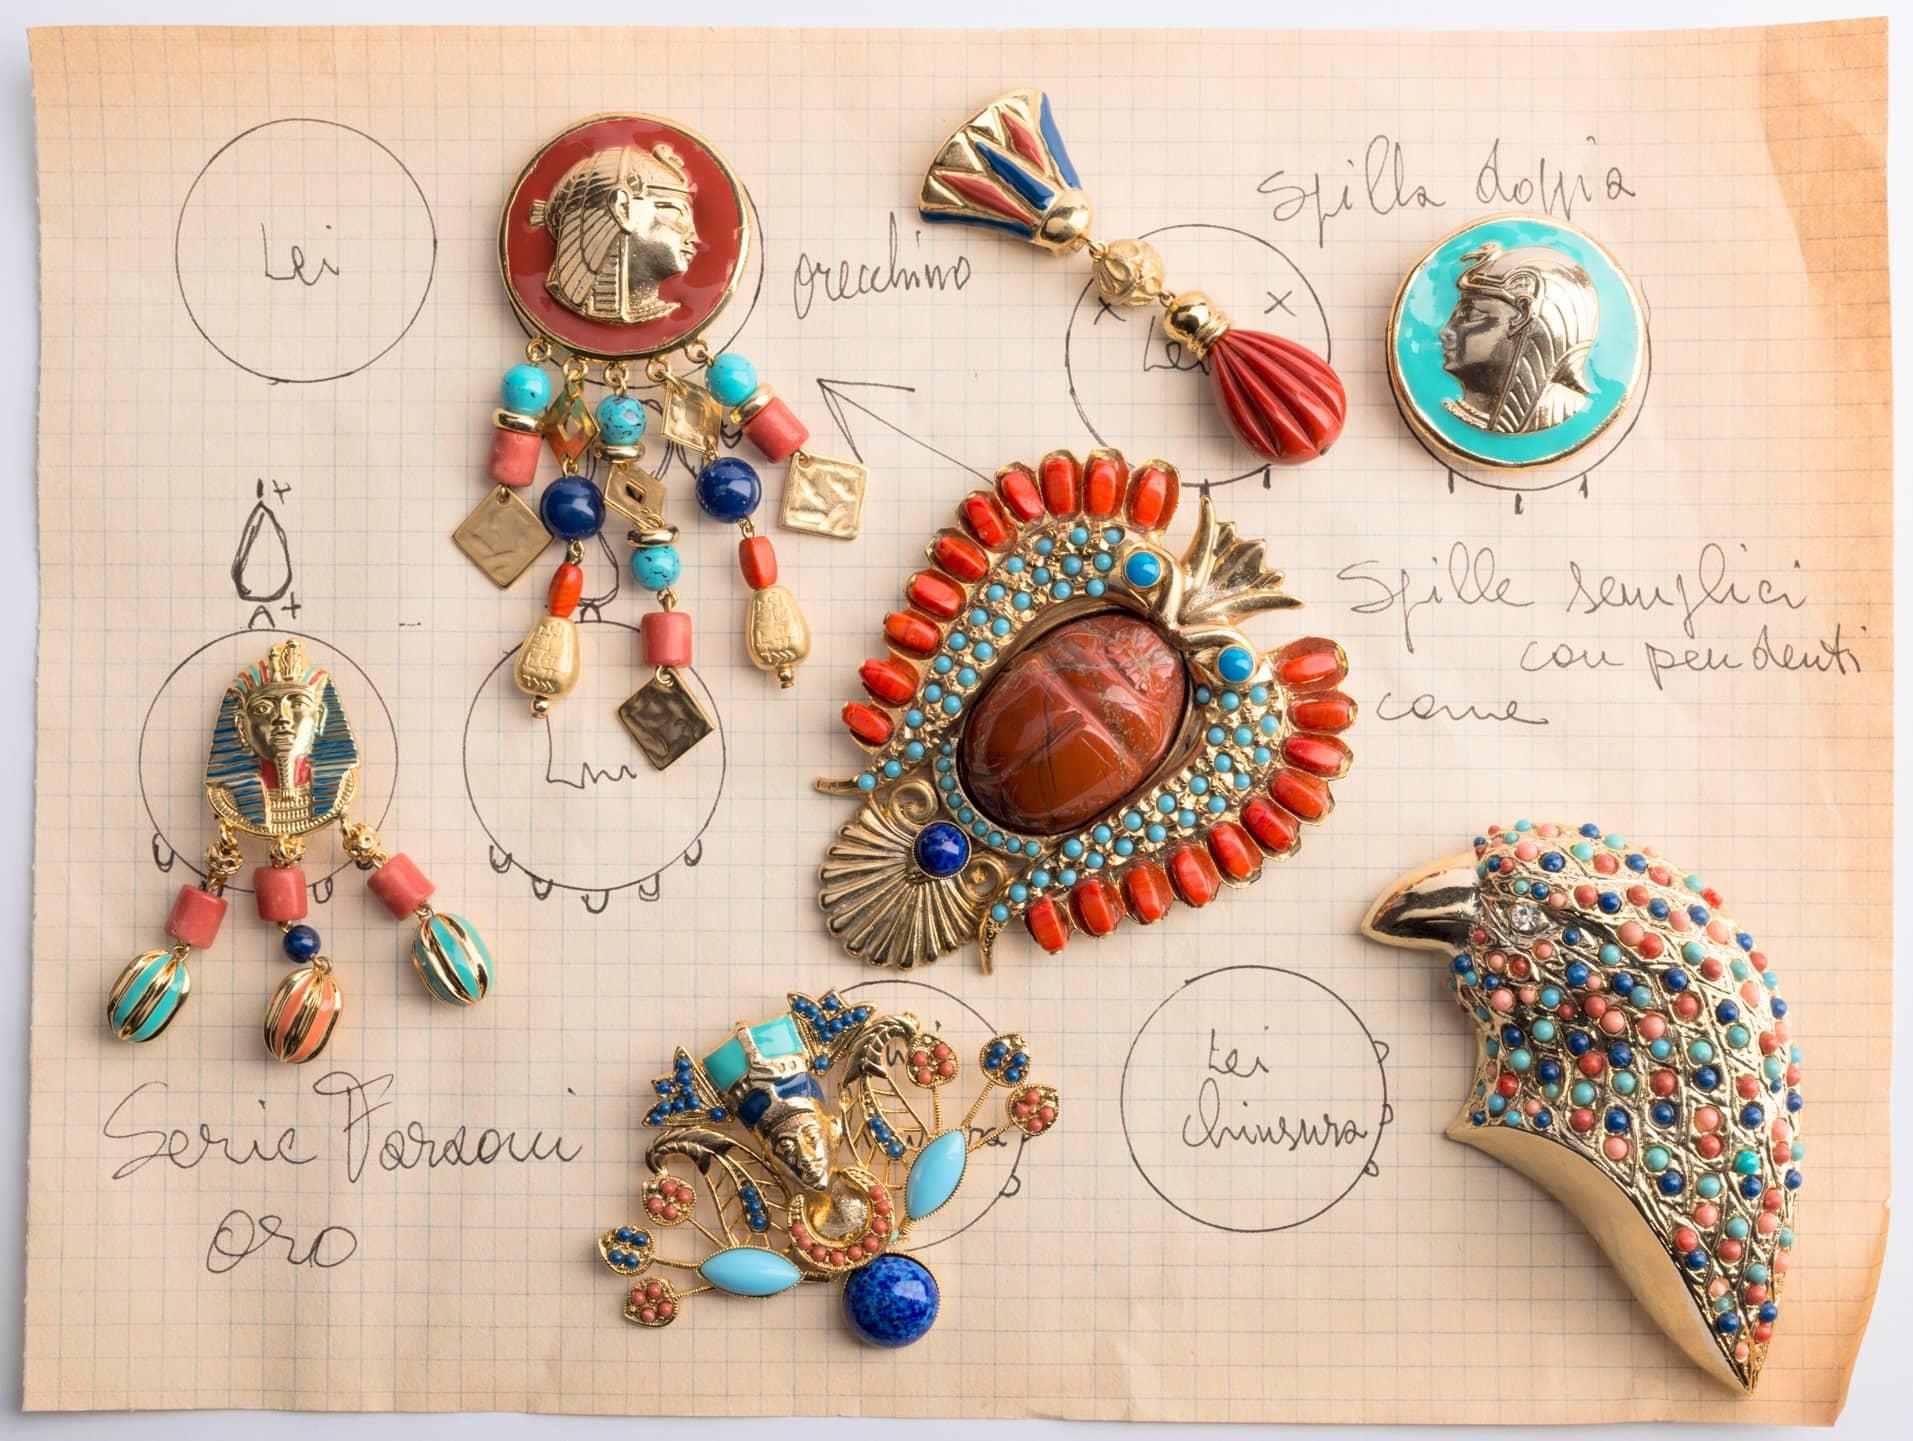 bigiottieri carlo zini, bottetto disegni e bijoux, 1980, foto francesco di bona